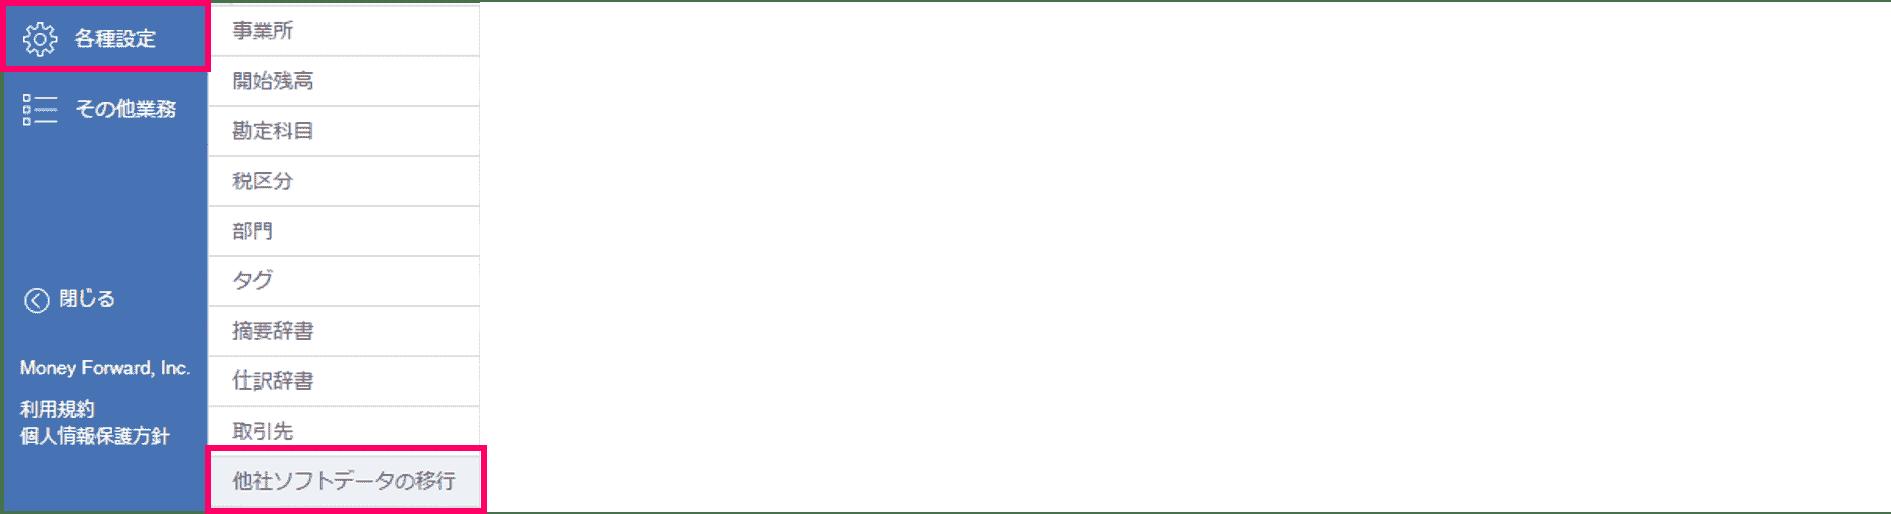 MFクラウド会計の「他社ソフトデータの移行」を選択し、クリック